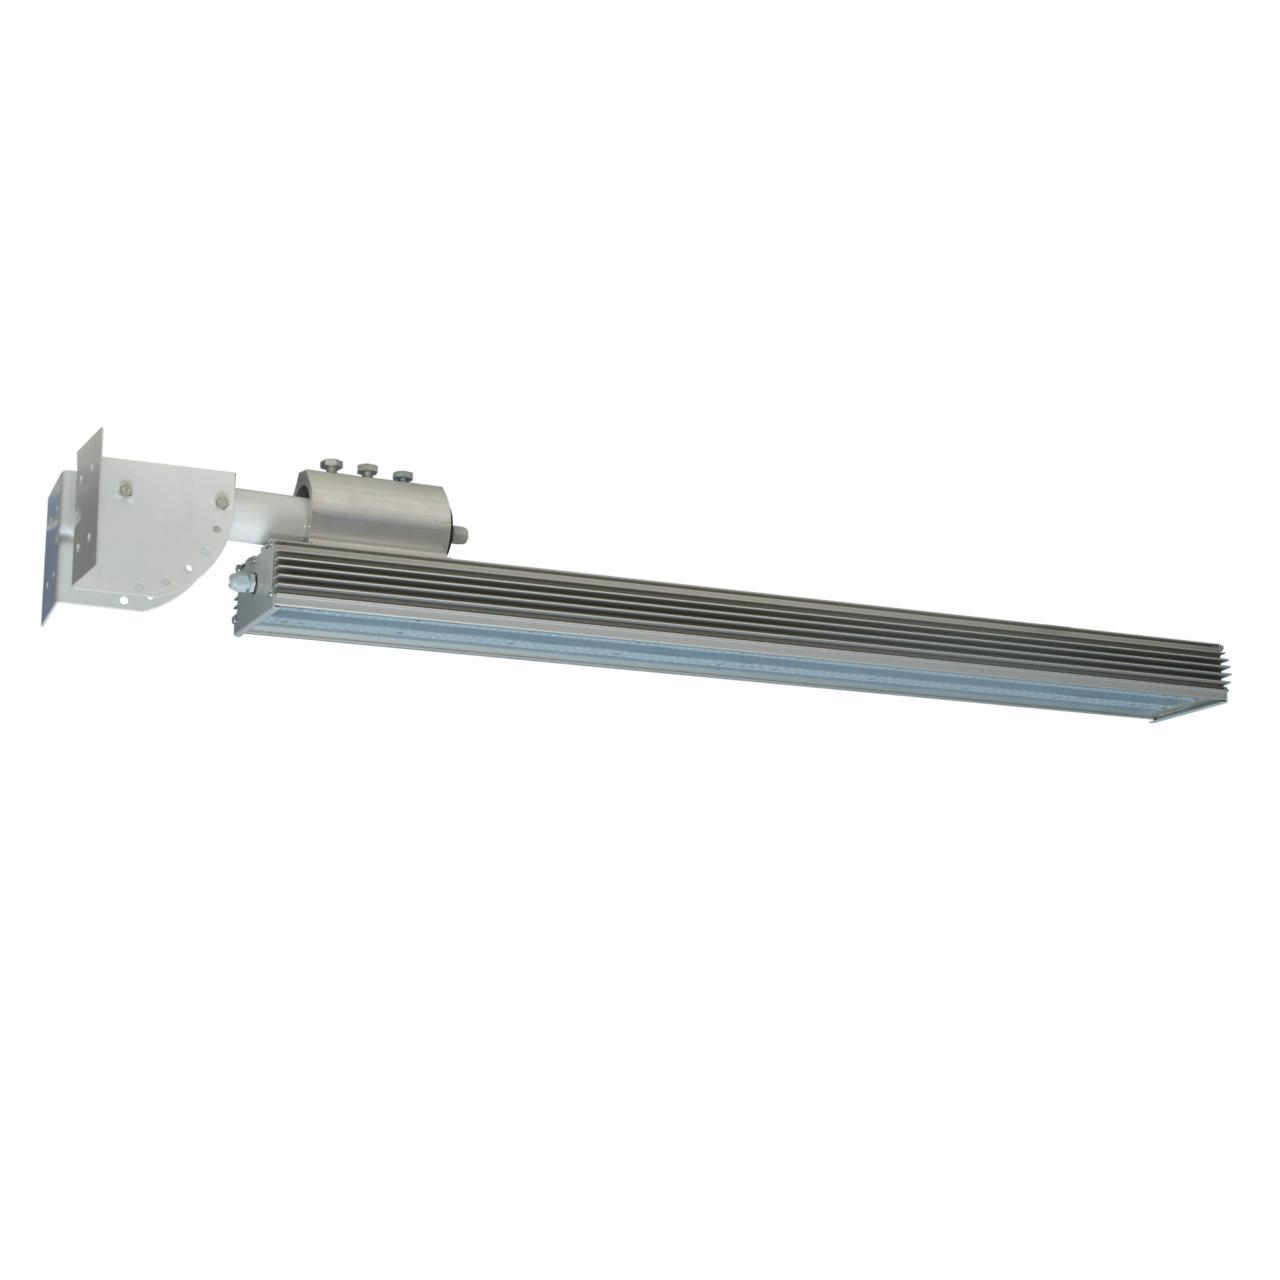 Уличный светодиодный светильник SKE PLO 150 Вт cons